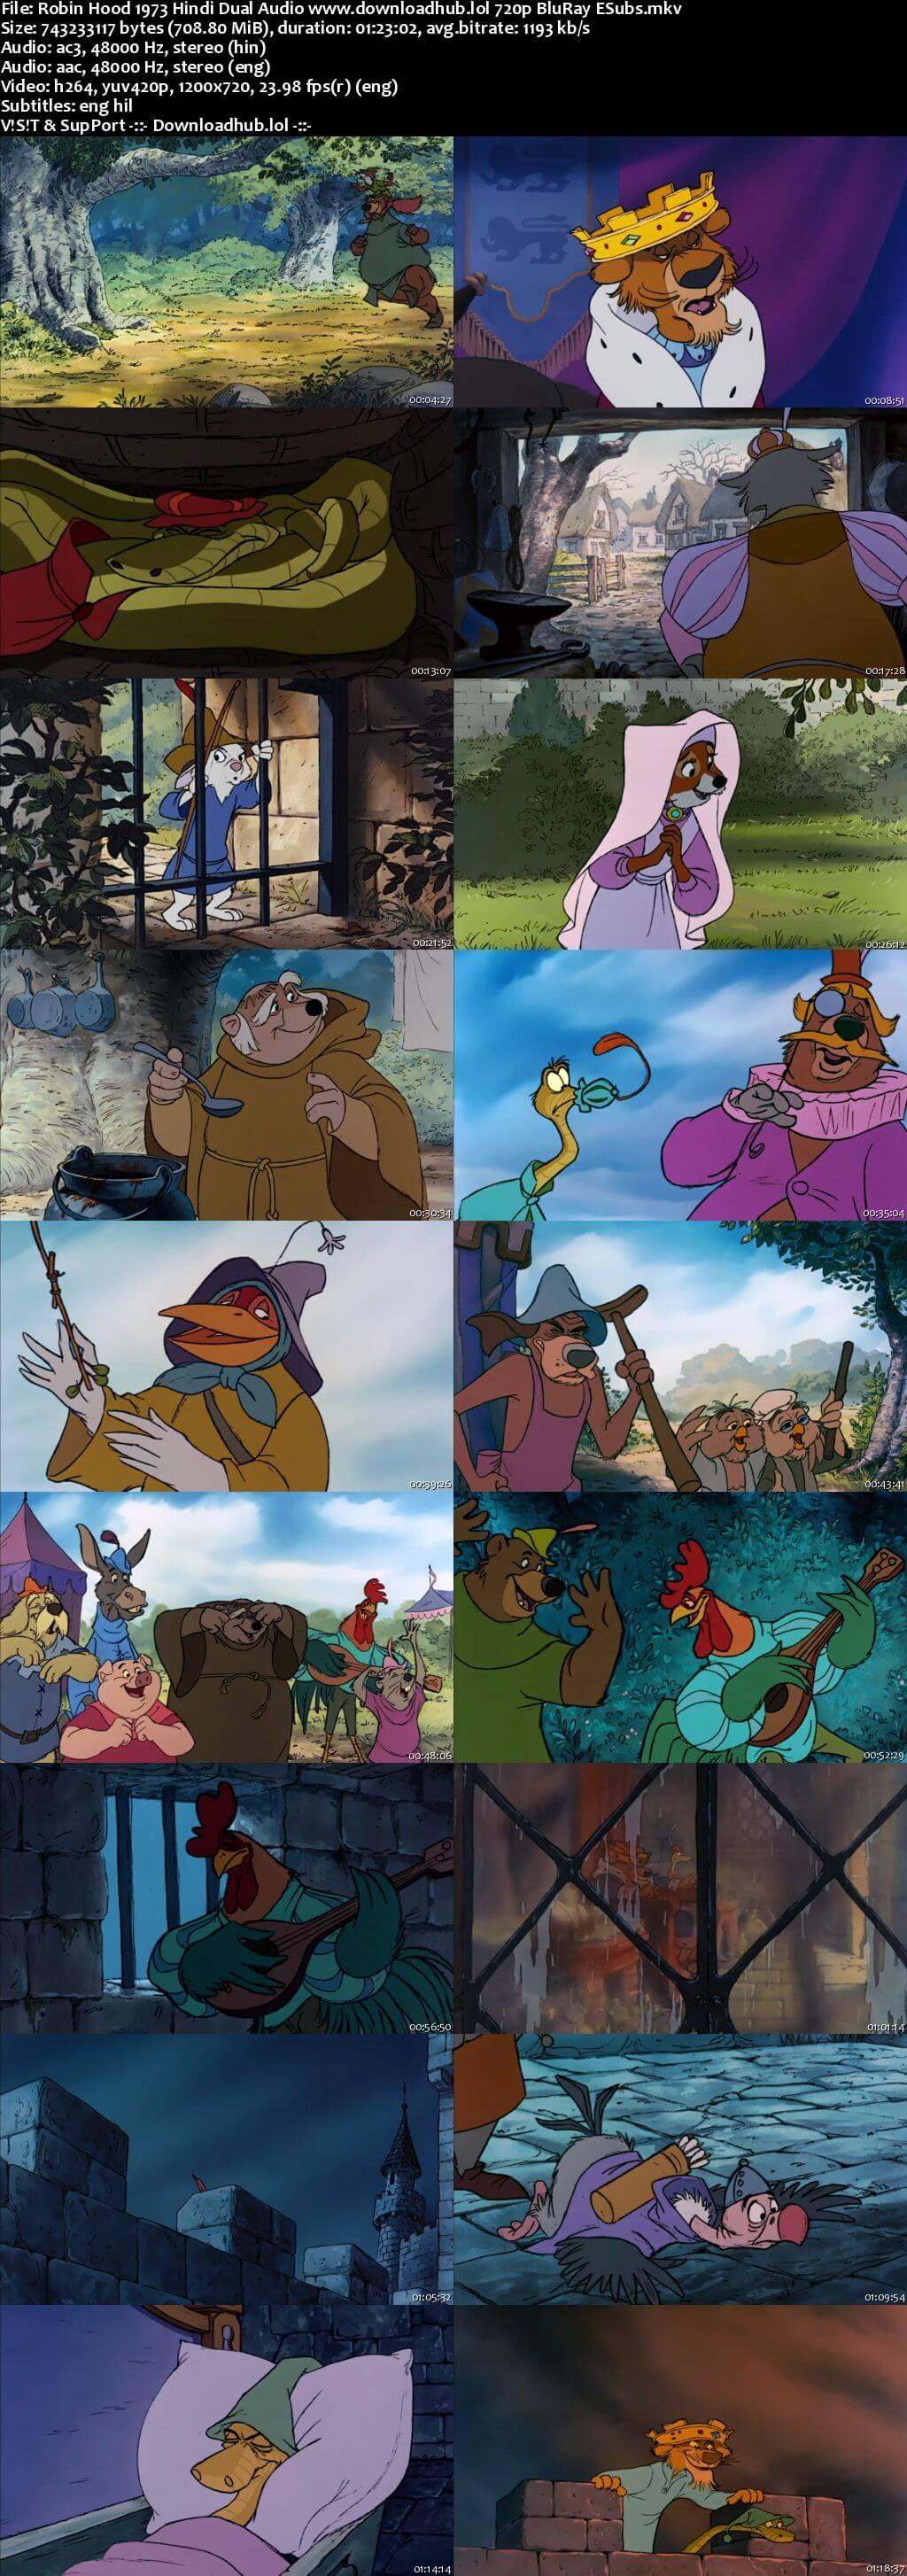 Robin Hood 1973 Hindi Dual Audio 720p BluRay ESubs